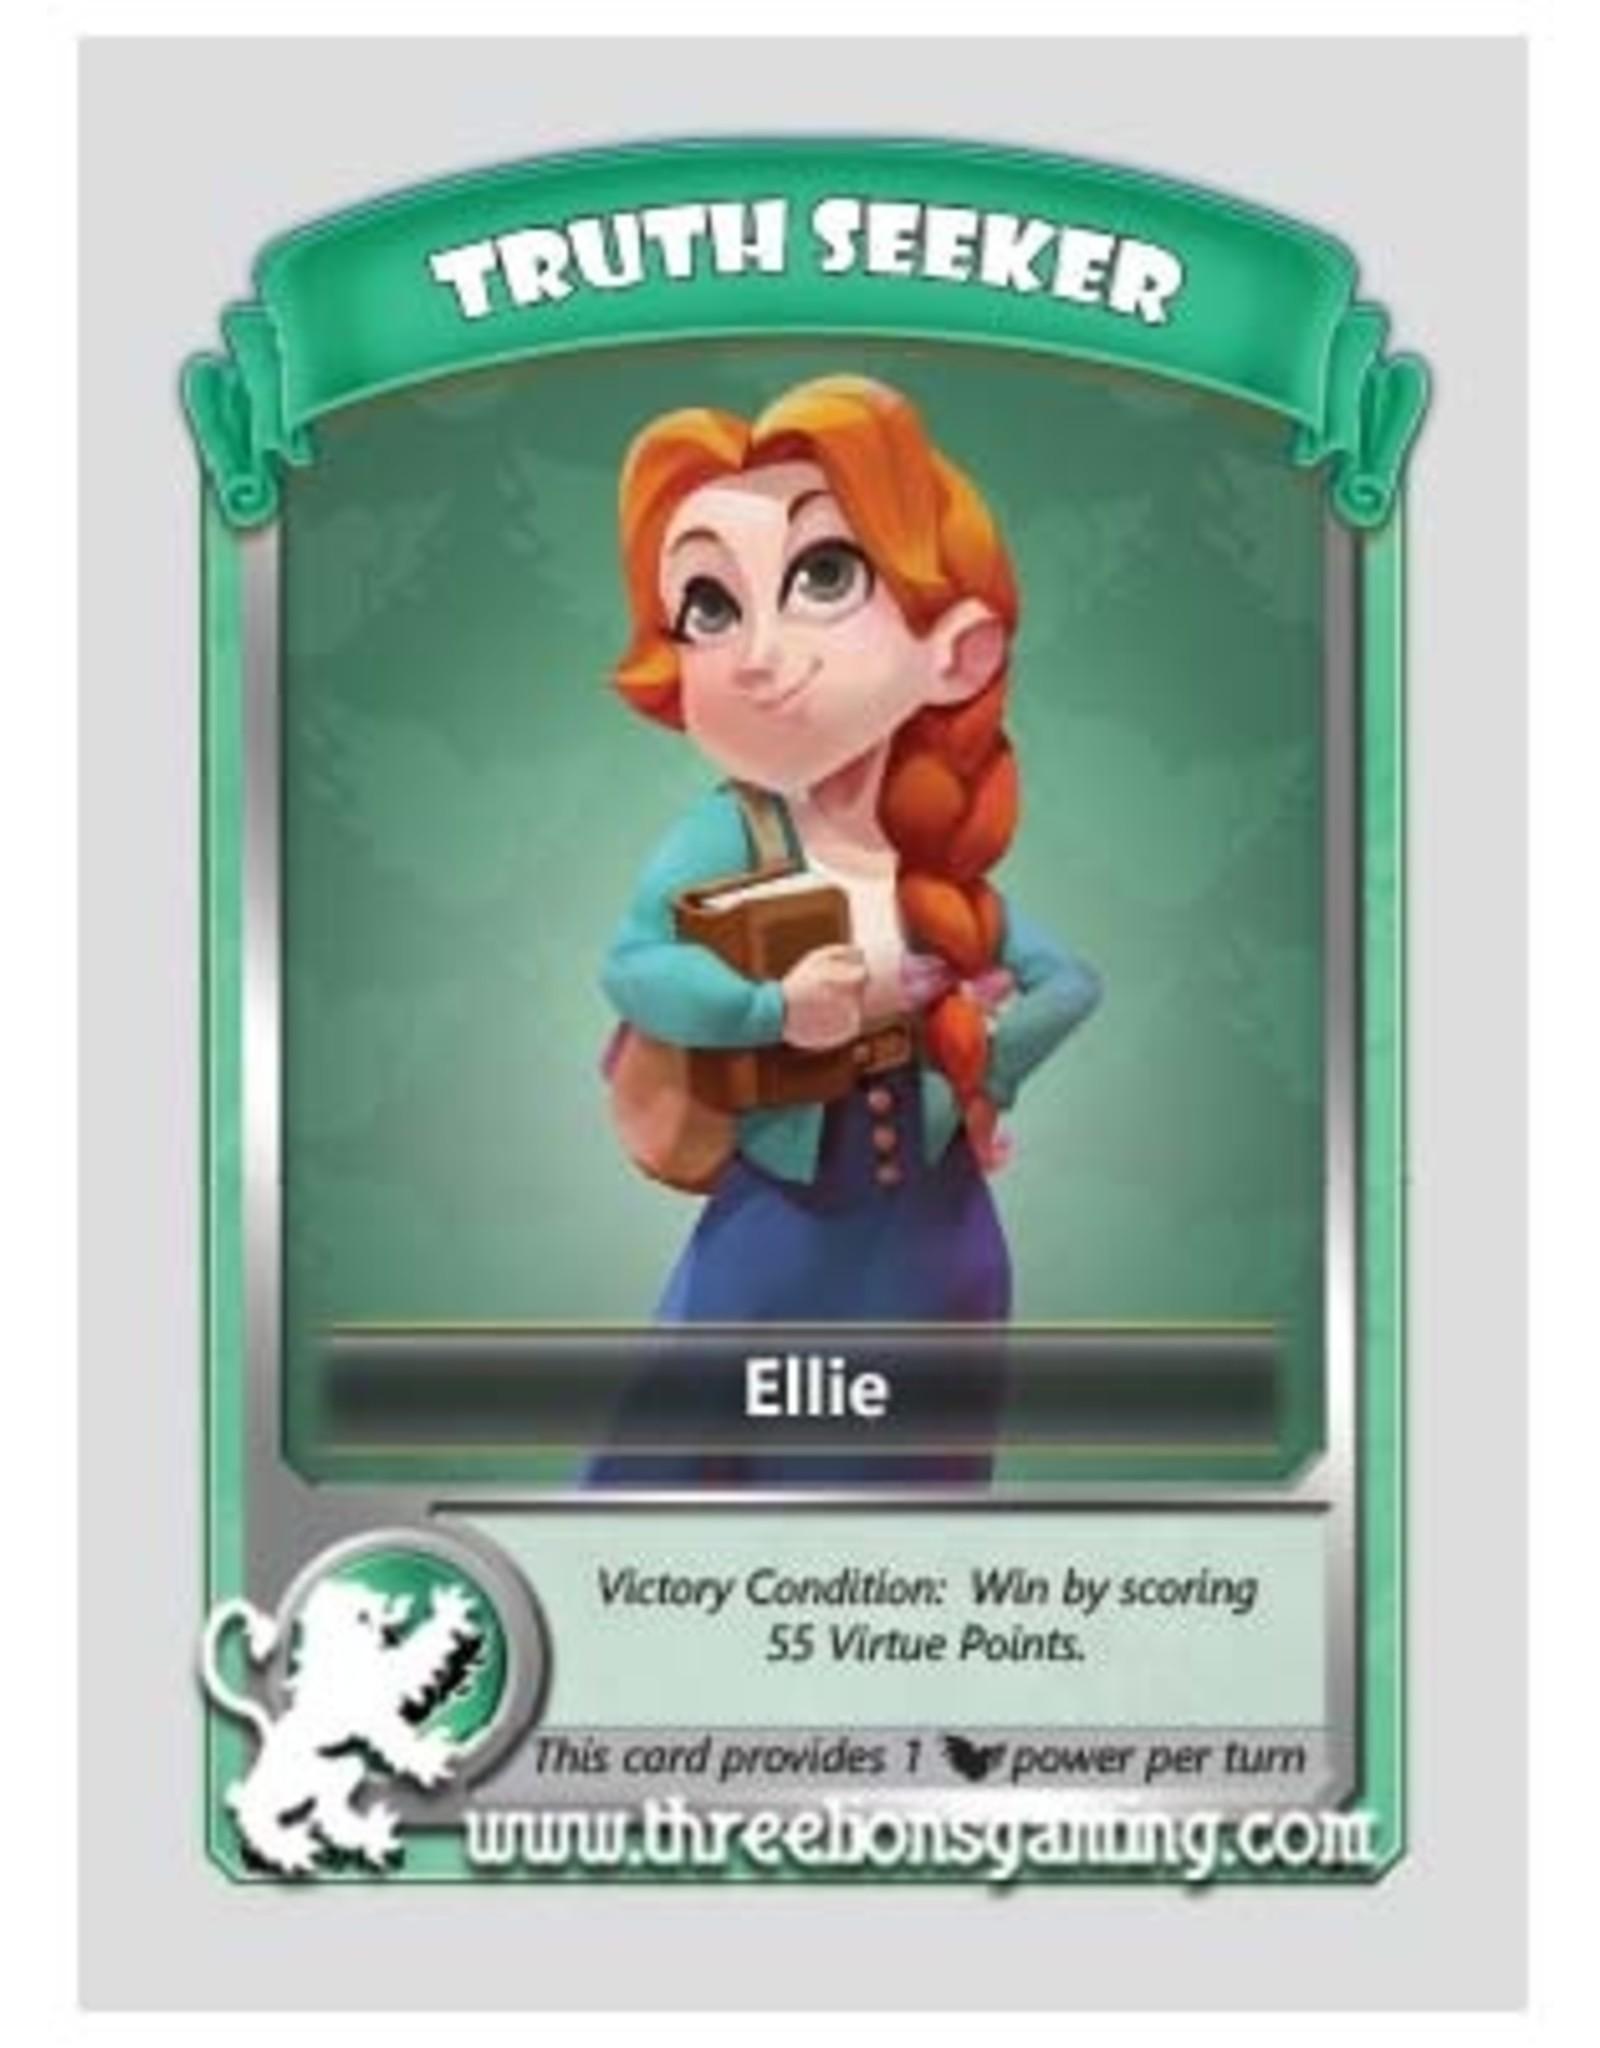 CT: Ellie